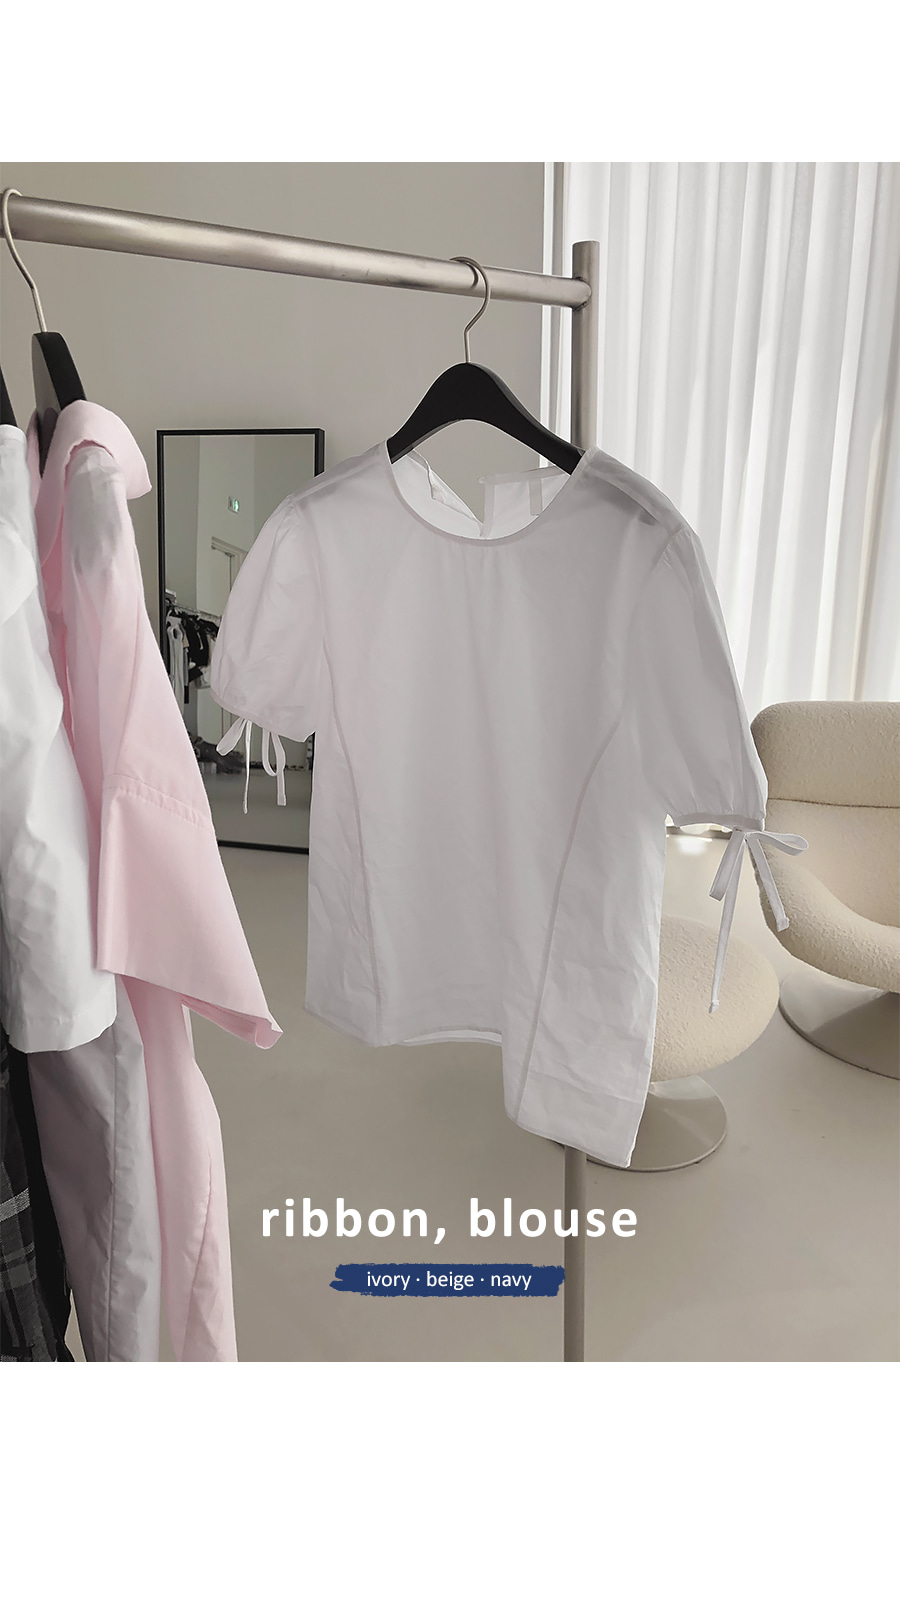 Ribbon cotton blouse